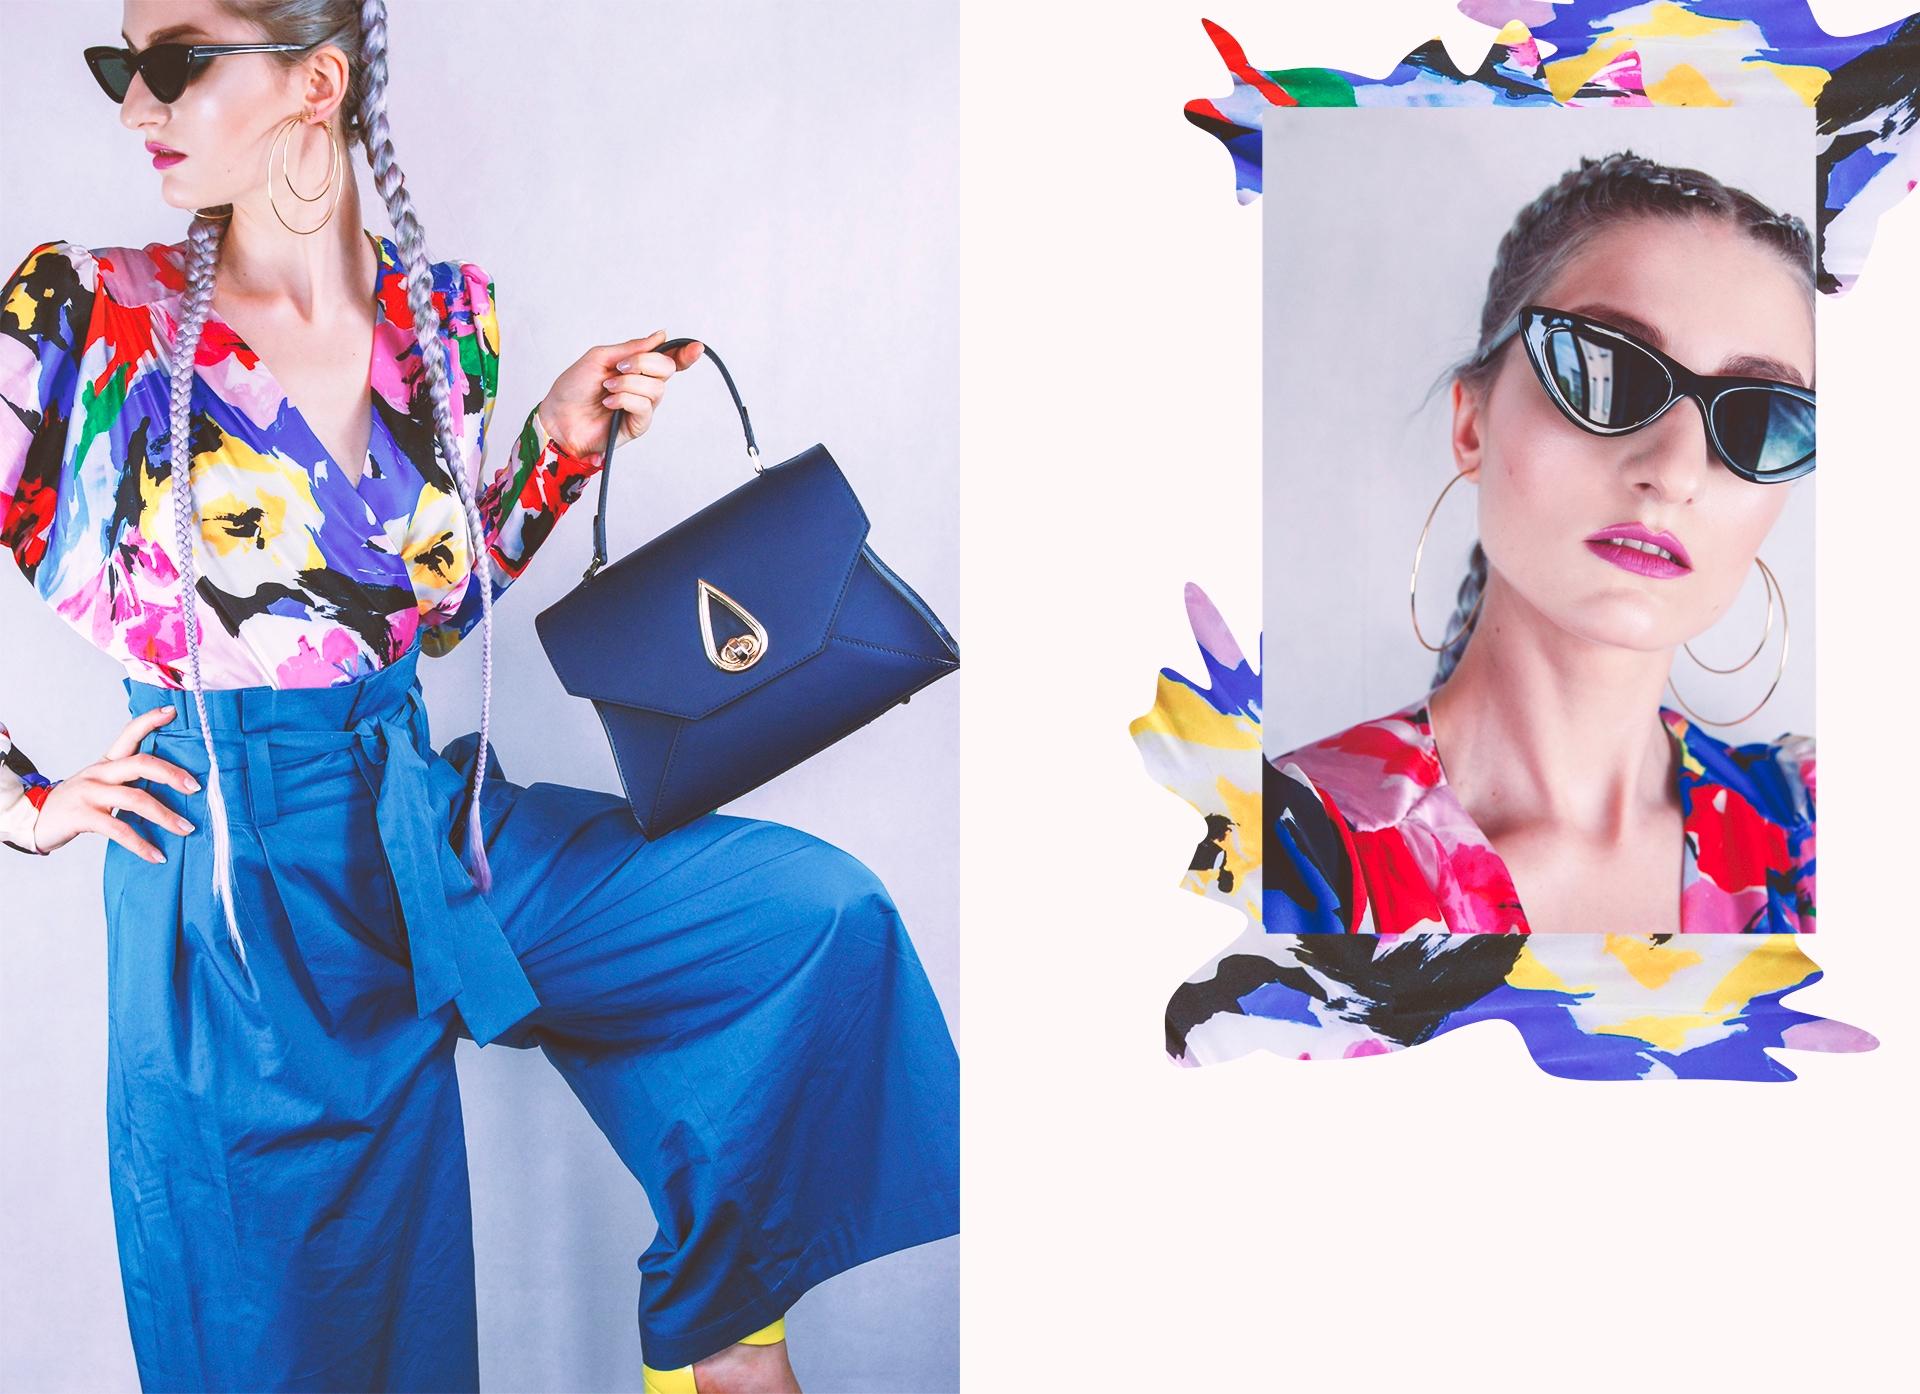 Obraz przedstawia dwa zdjęcia kobiety w niebieskich spodniach, kolorowej bluzce, trzymającej granatową torebkę. Zdjęcie po prawej to portret kobiety w ciemnych okularach.